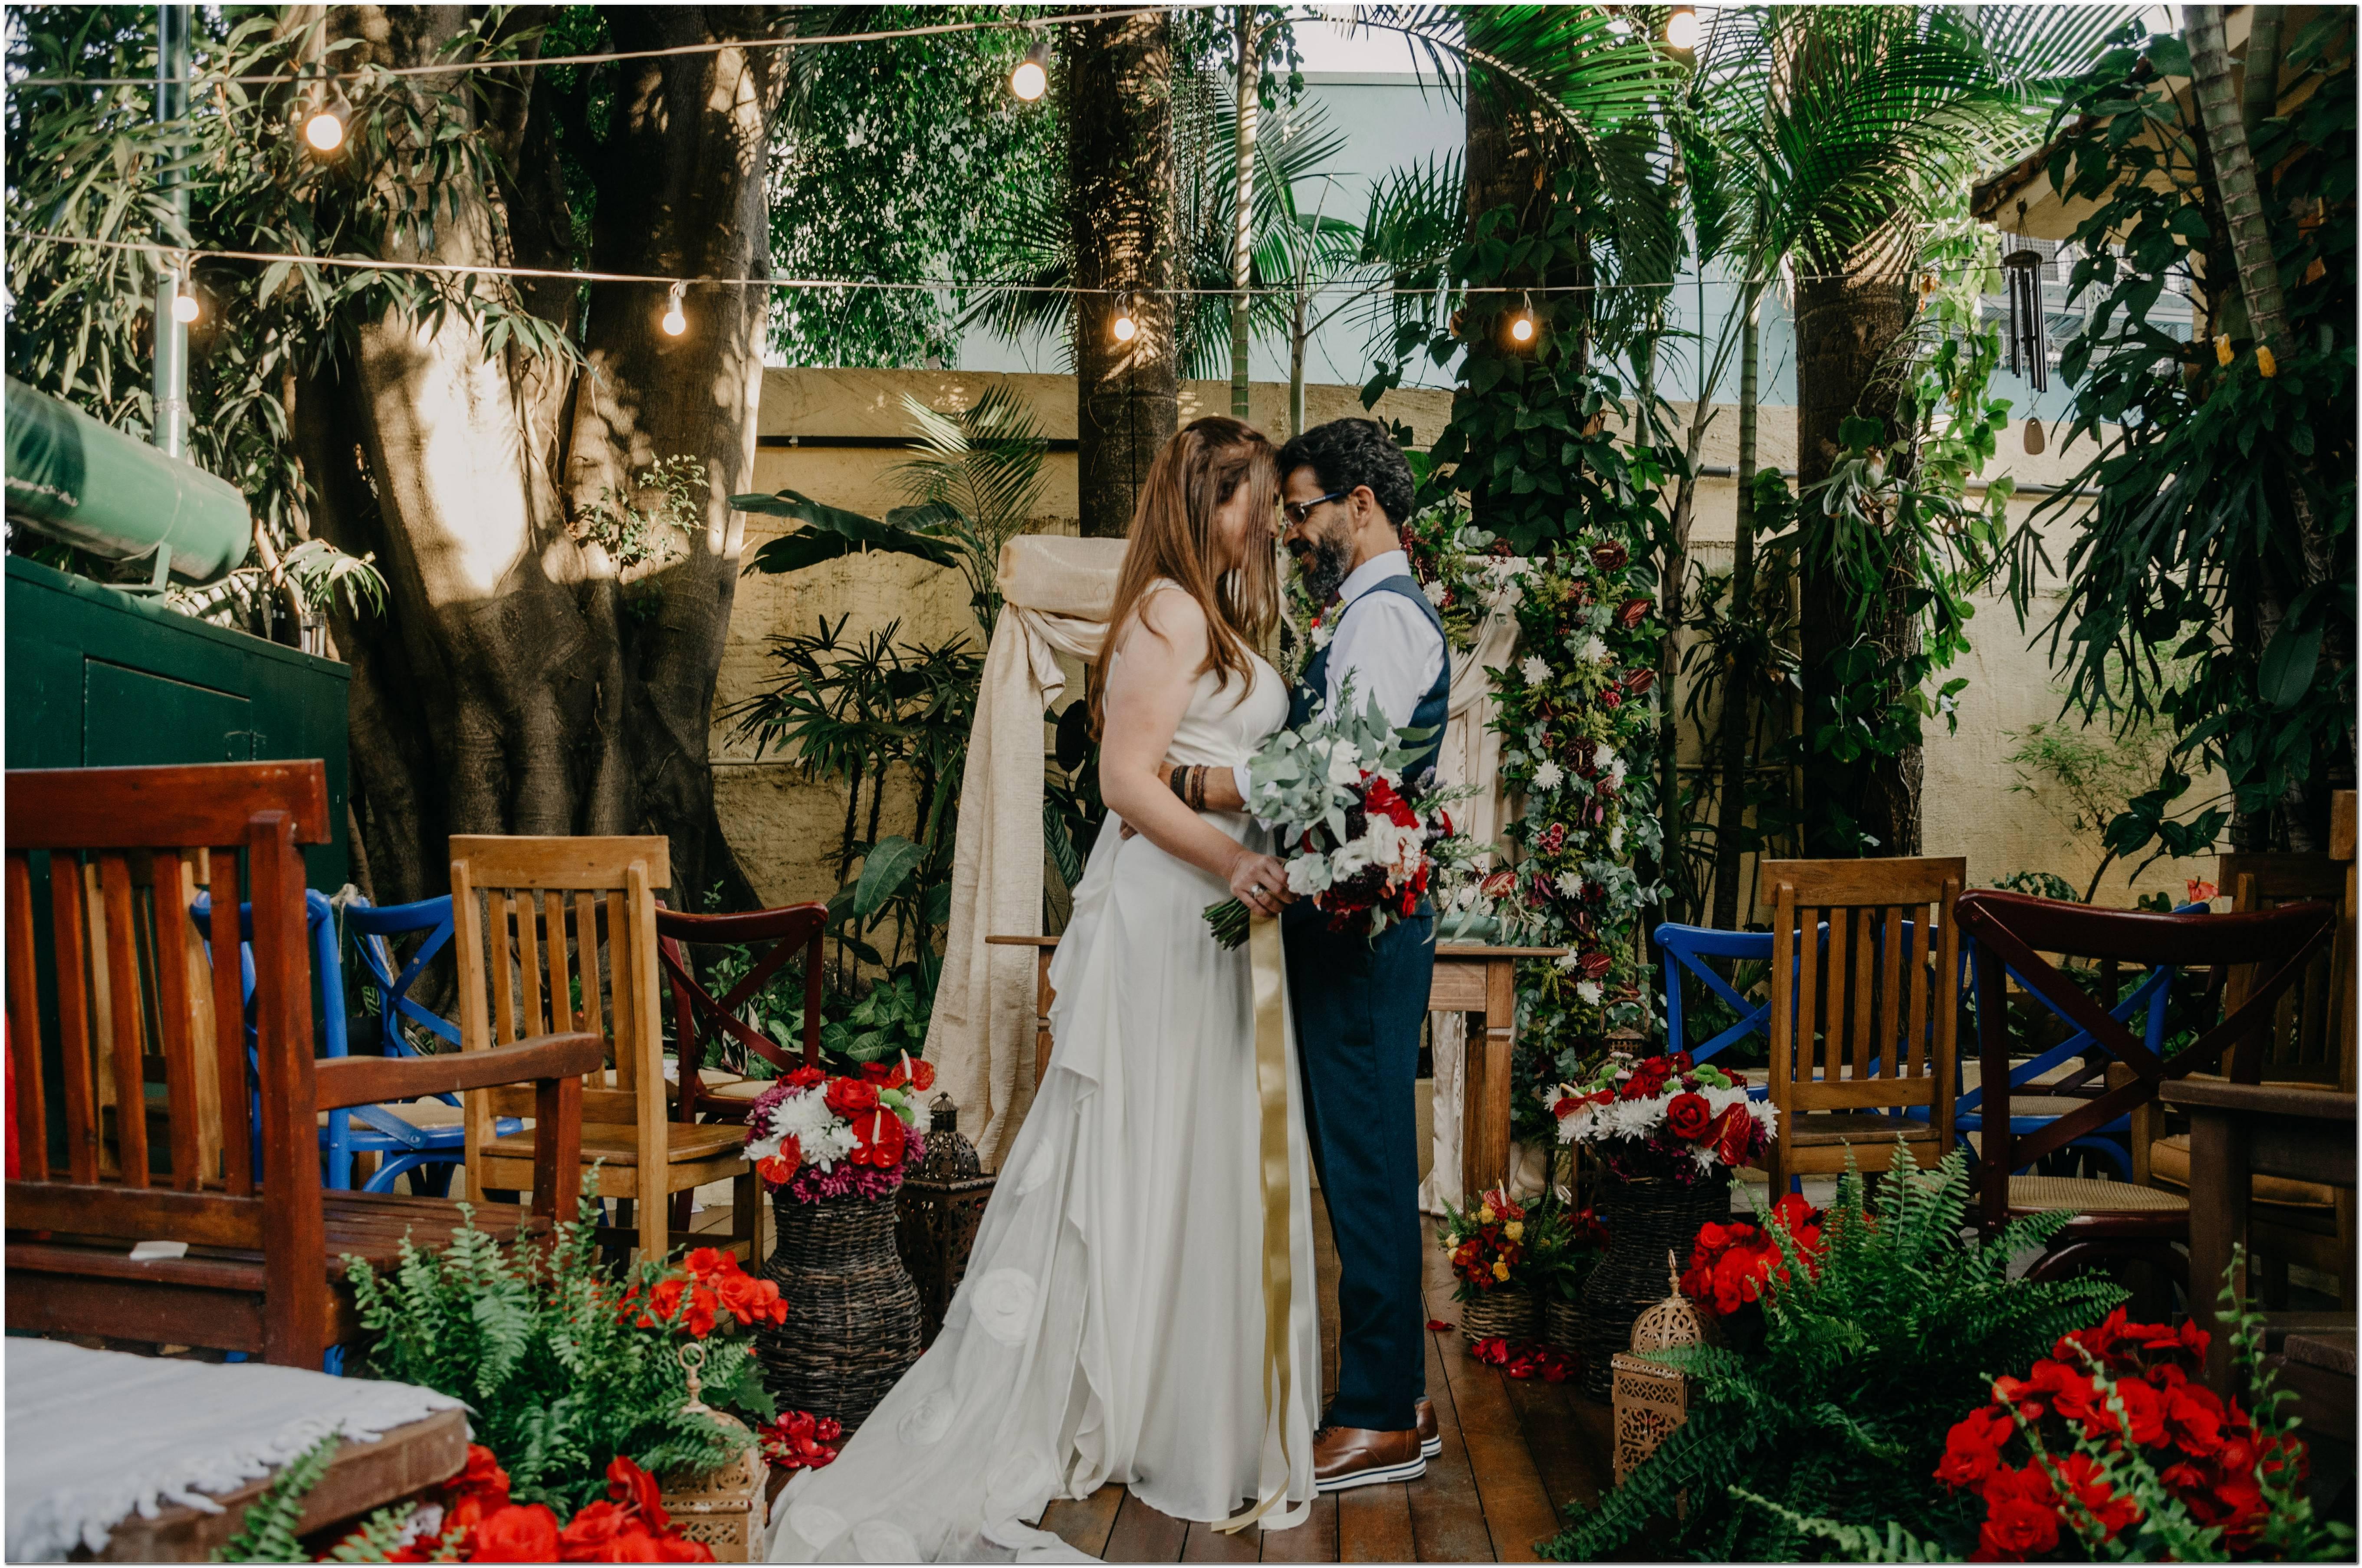 Mini Wedding Saiba Como Organizar E Decorar A Cerimônia Intimista